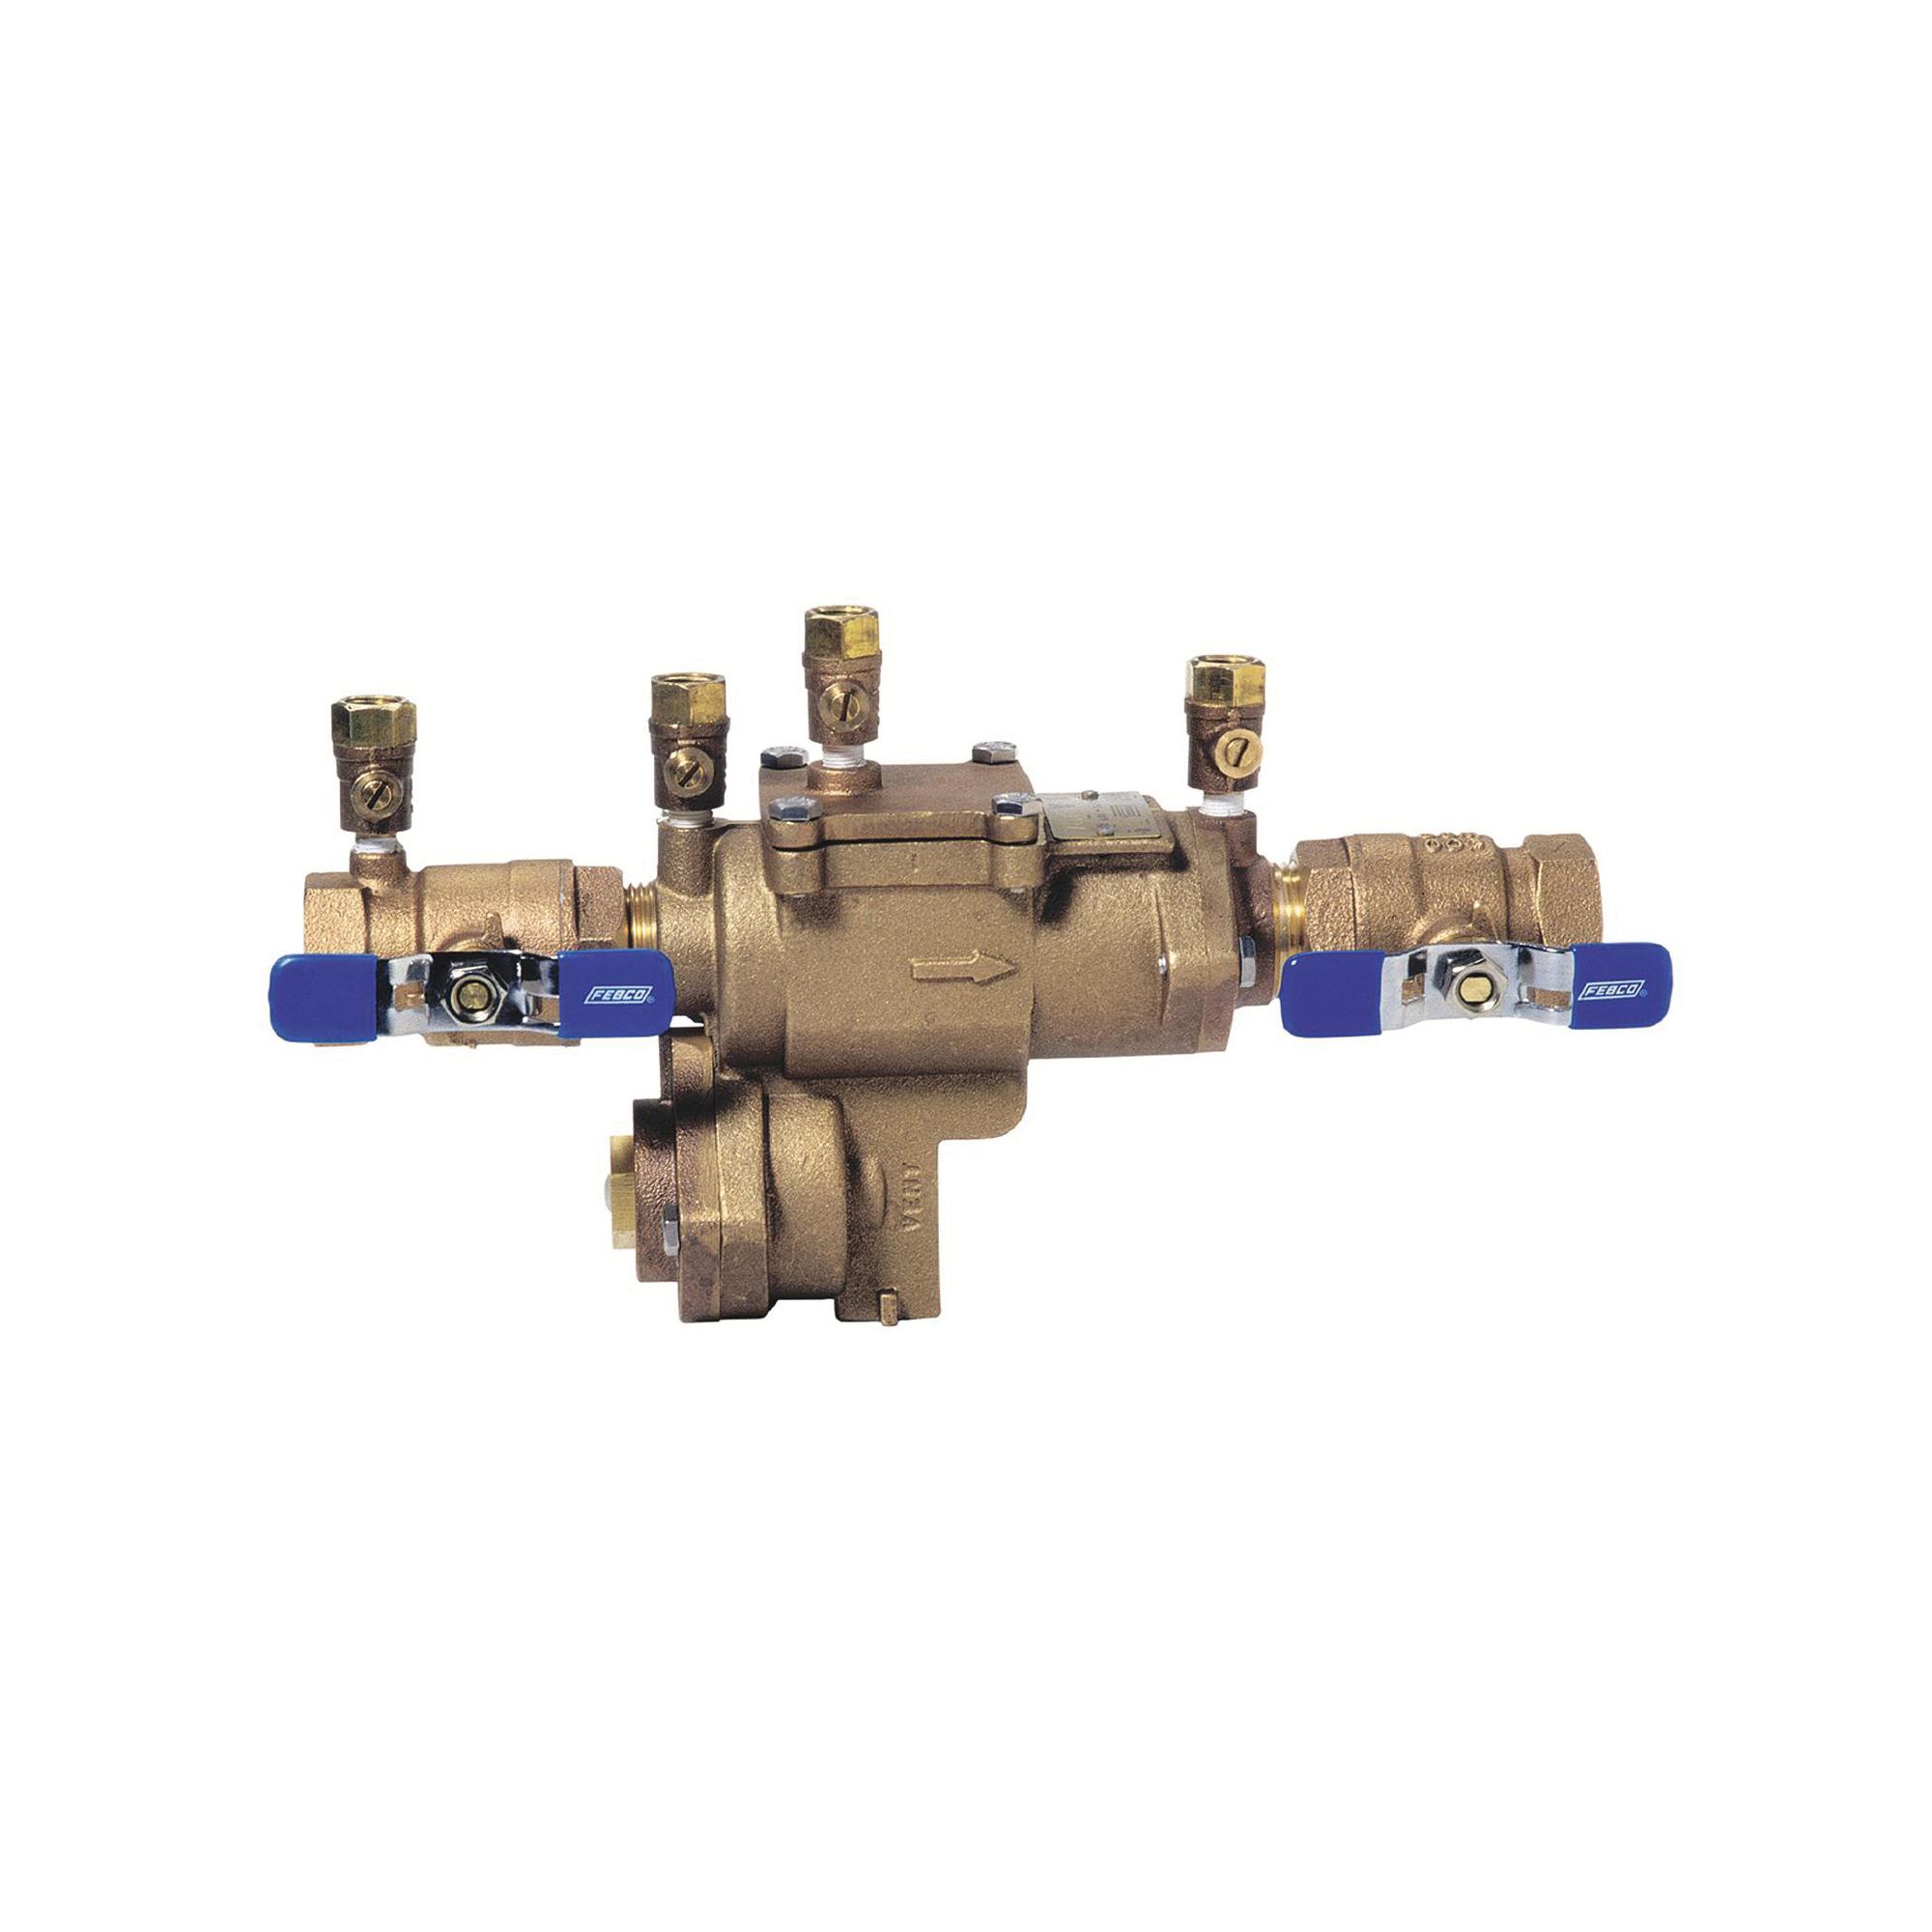 Febco® 0683001 LF860 Small Diameter Reduced Pressure Zone Assembly, 3/4 in, Thread, Quarter-Turn Ball Valve, Cast Copper Silicon Alloy Body